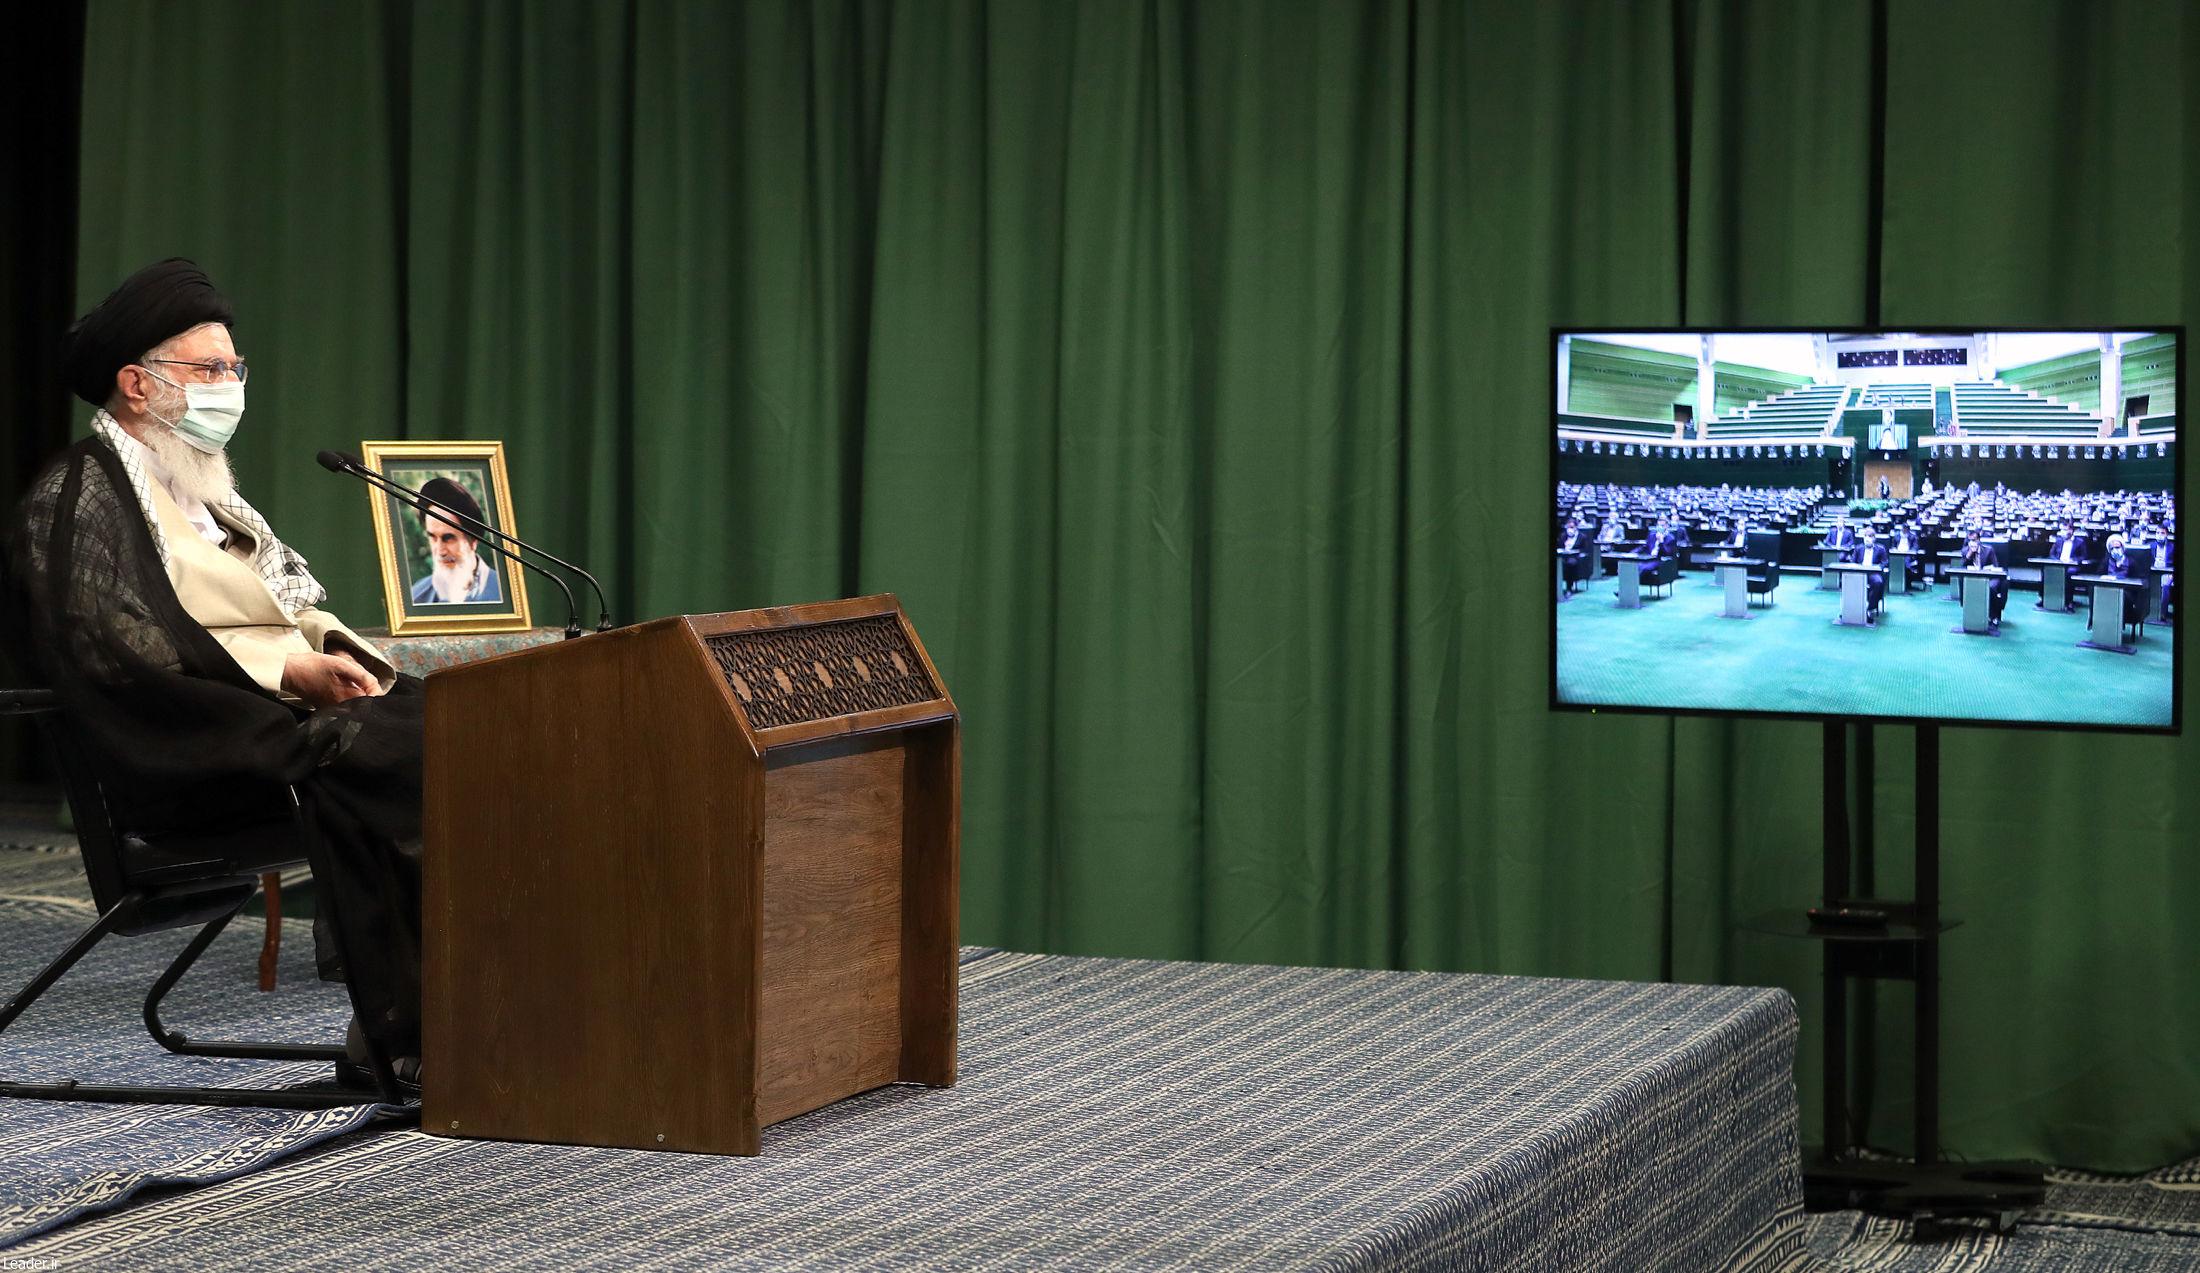 ارتباط تصویری مقام معظم رهبری با صحن مجلس